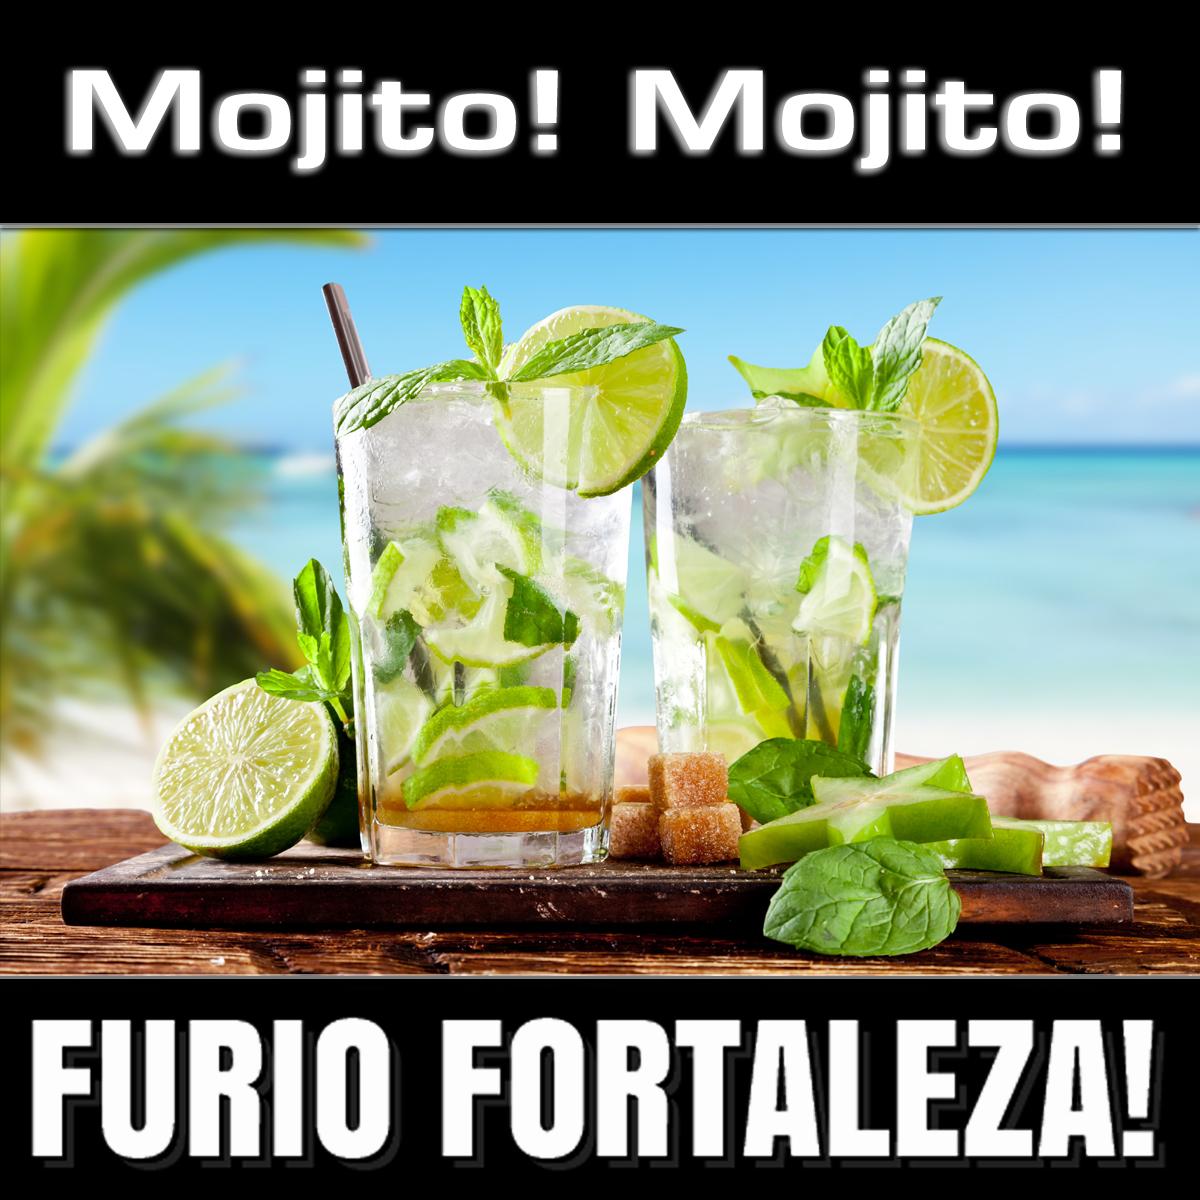 Furio Fortaleza! - 4.9 - Mojito! Mojito!